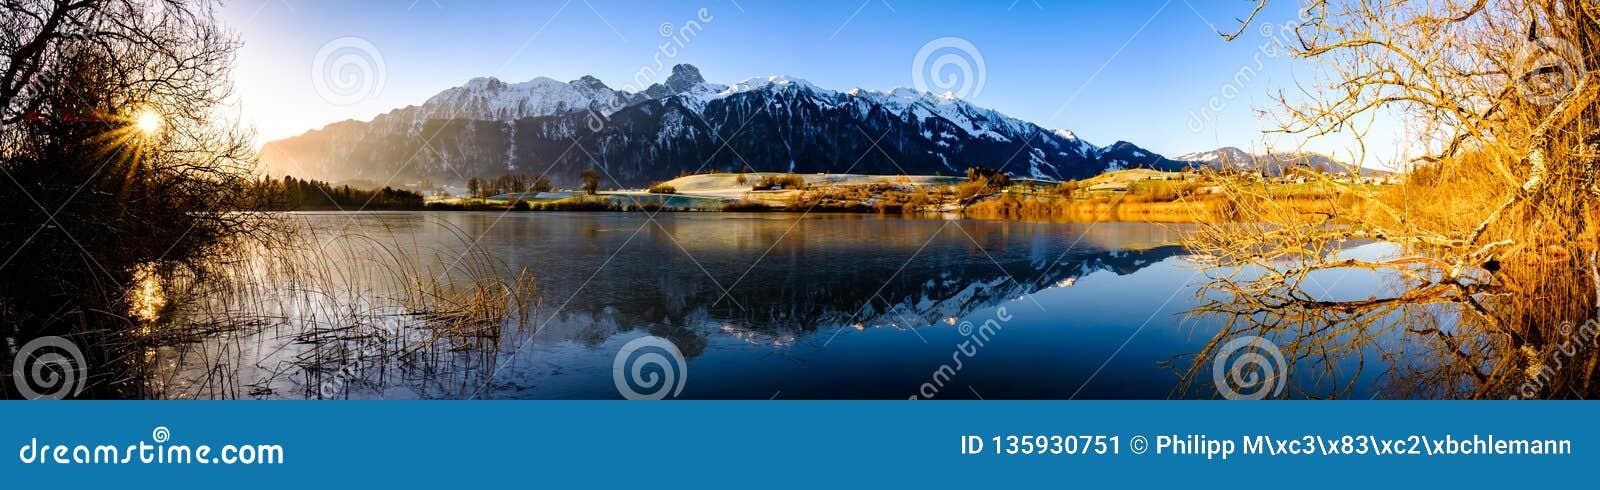 Uebeschisee och Stockhorn i morgonsolen - Schweiz, Europa